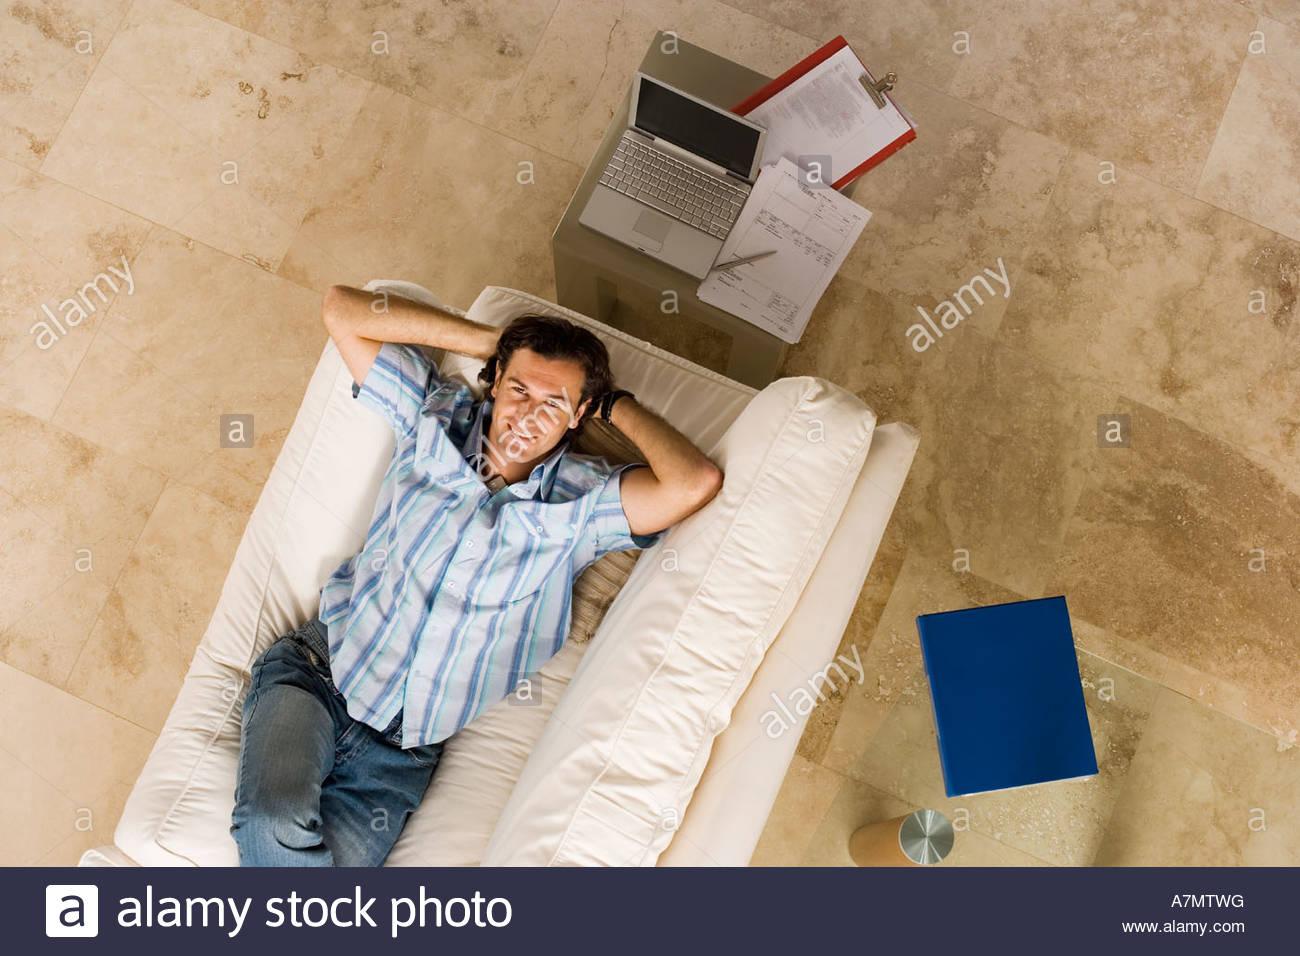 Tavolo Dietro Al Divano : Uomo disteso su un divano accanto al computer portatile sul tavolo